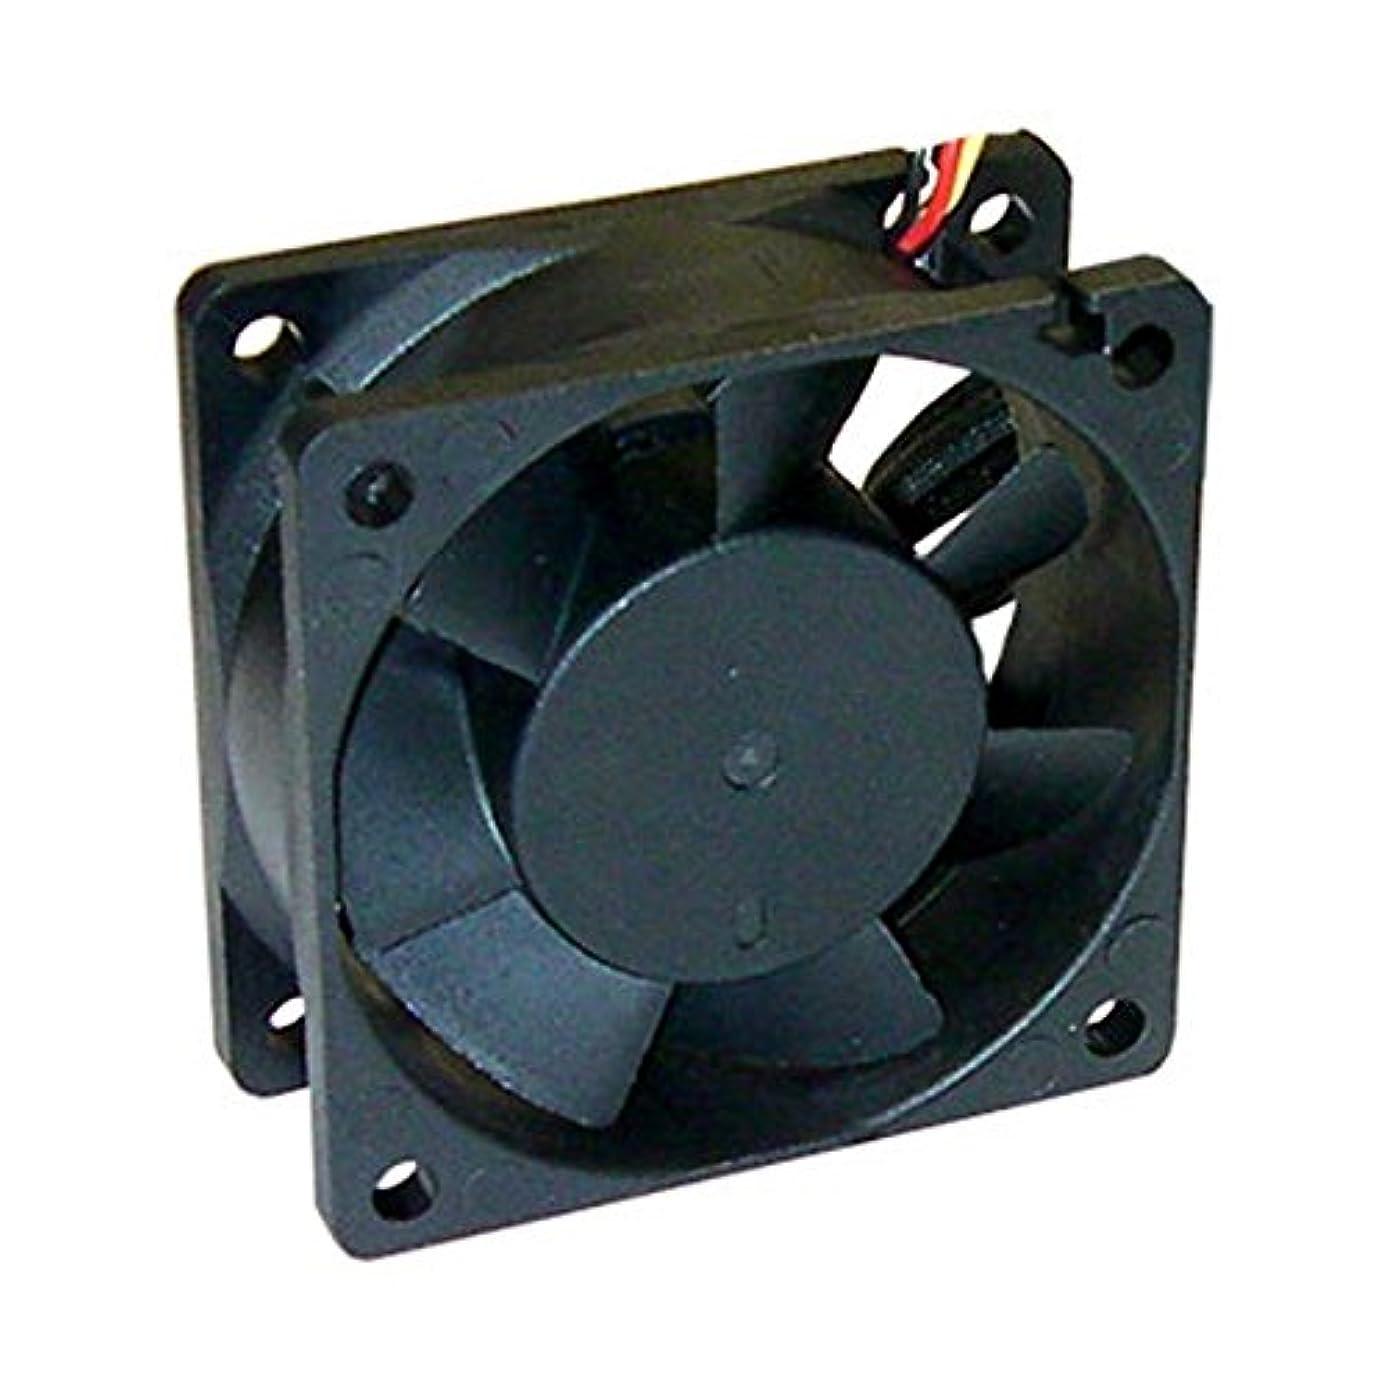 MASSCOOL 60mm Cooling Fan FD06025S1M3/4